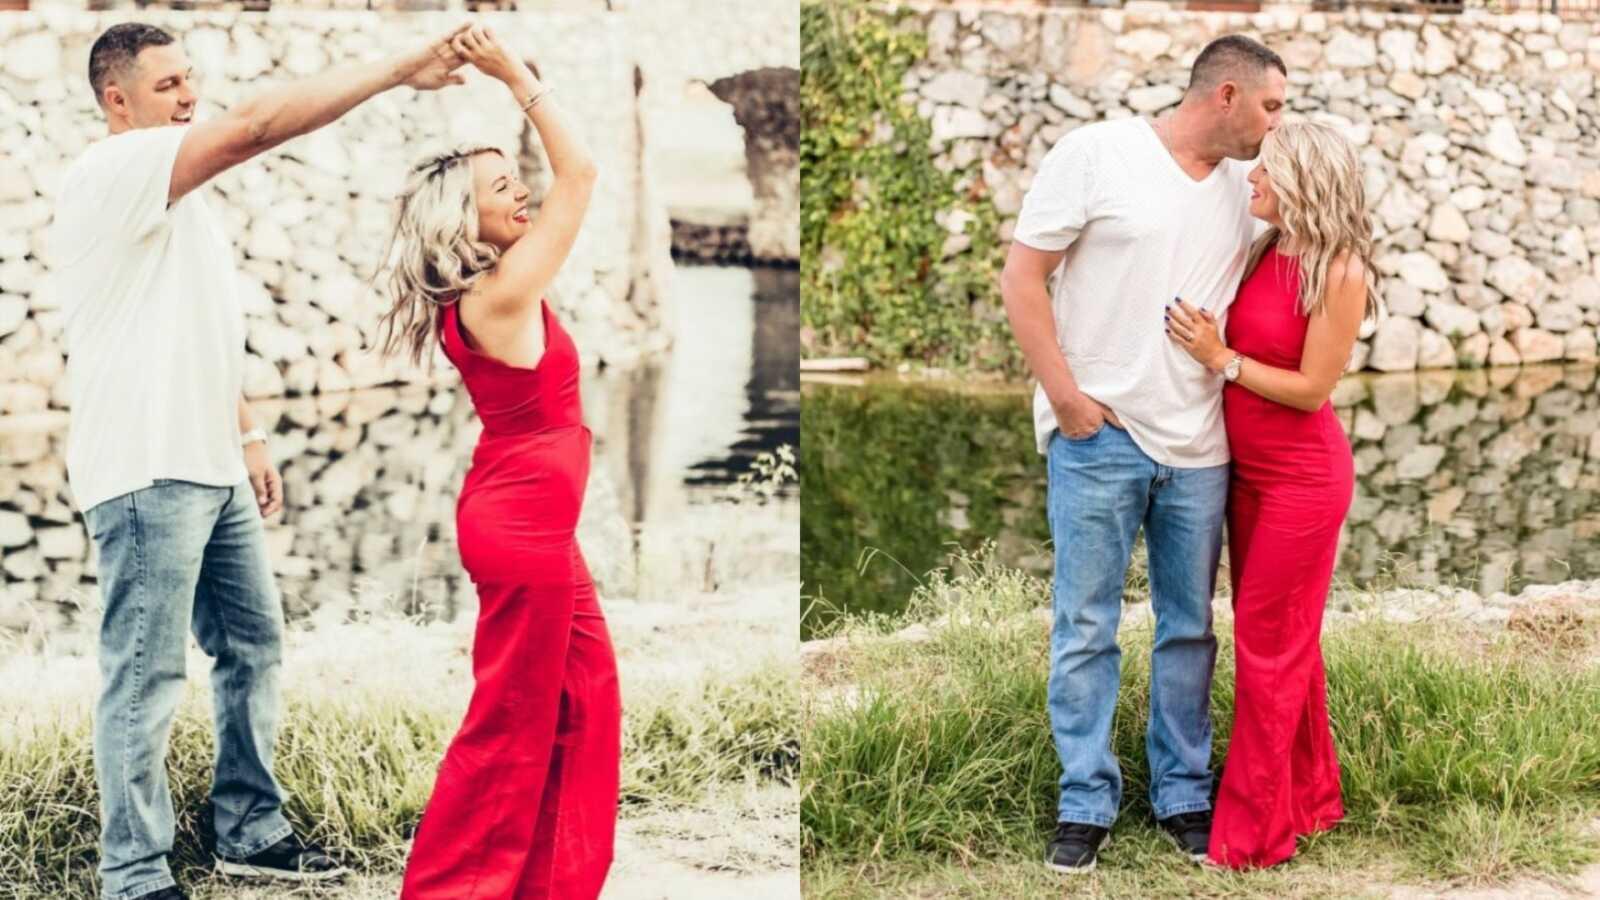 一对夫妇一边跳舞一边开心地拍照,宣布他们的胚胎被收养了